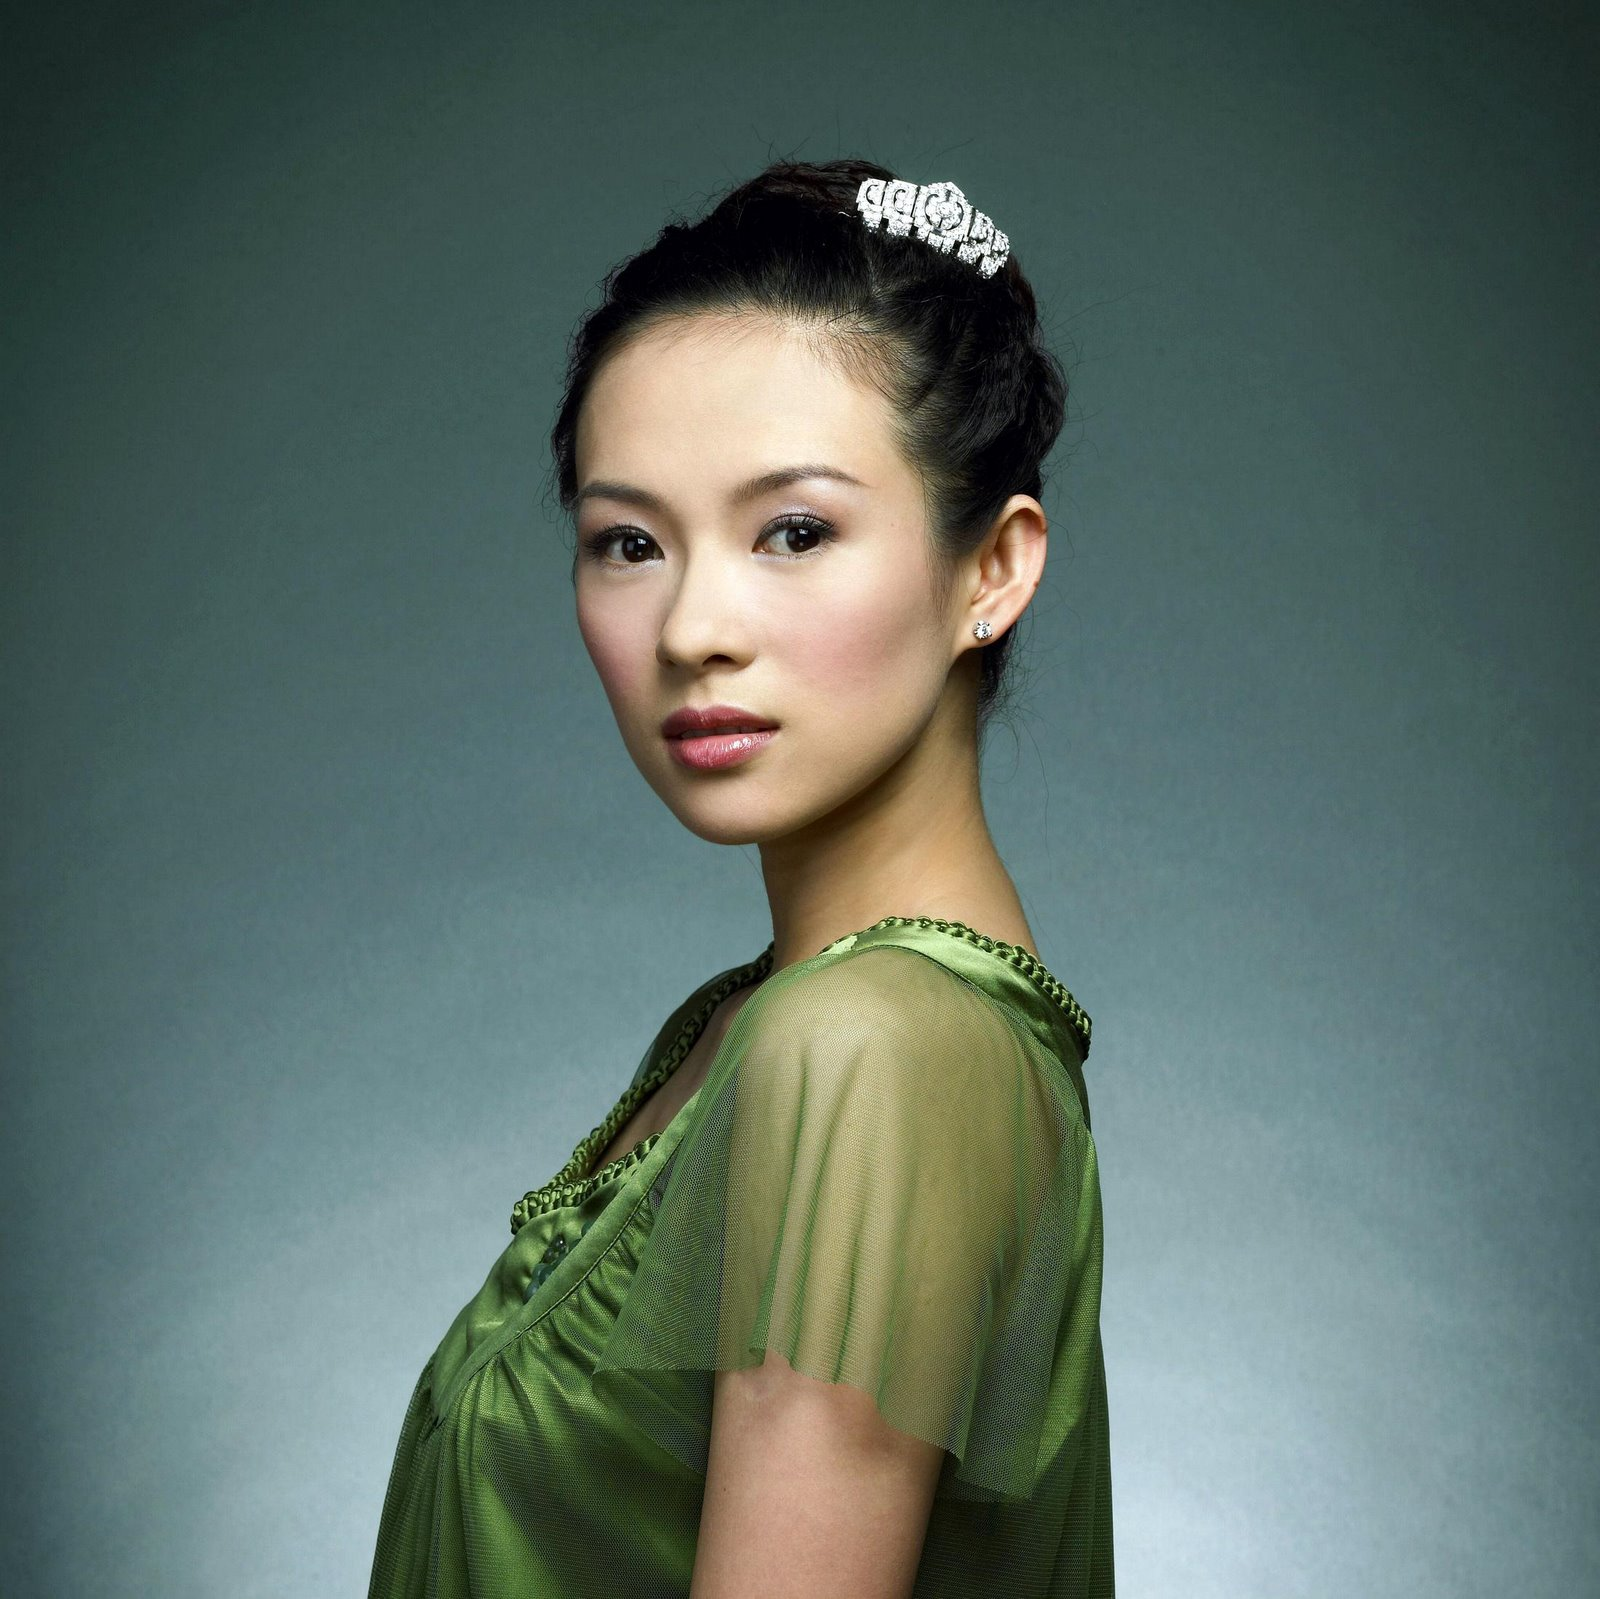 http://2.bp.blogspot.com/-365yxwgZ-dU/TlqDvVLG2YI/AAAAAAAAAK0/9yciTdXqMSA/s1600/Ziyi-Zhang-Hot-Pics-Hub-+%25288%2529.jpg